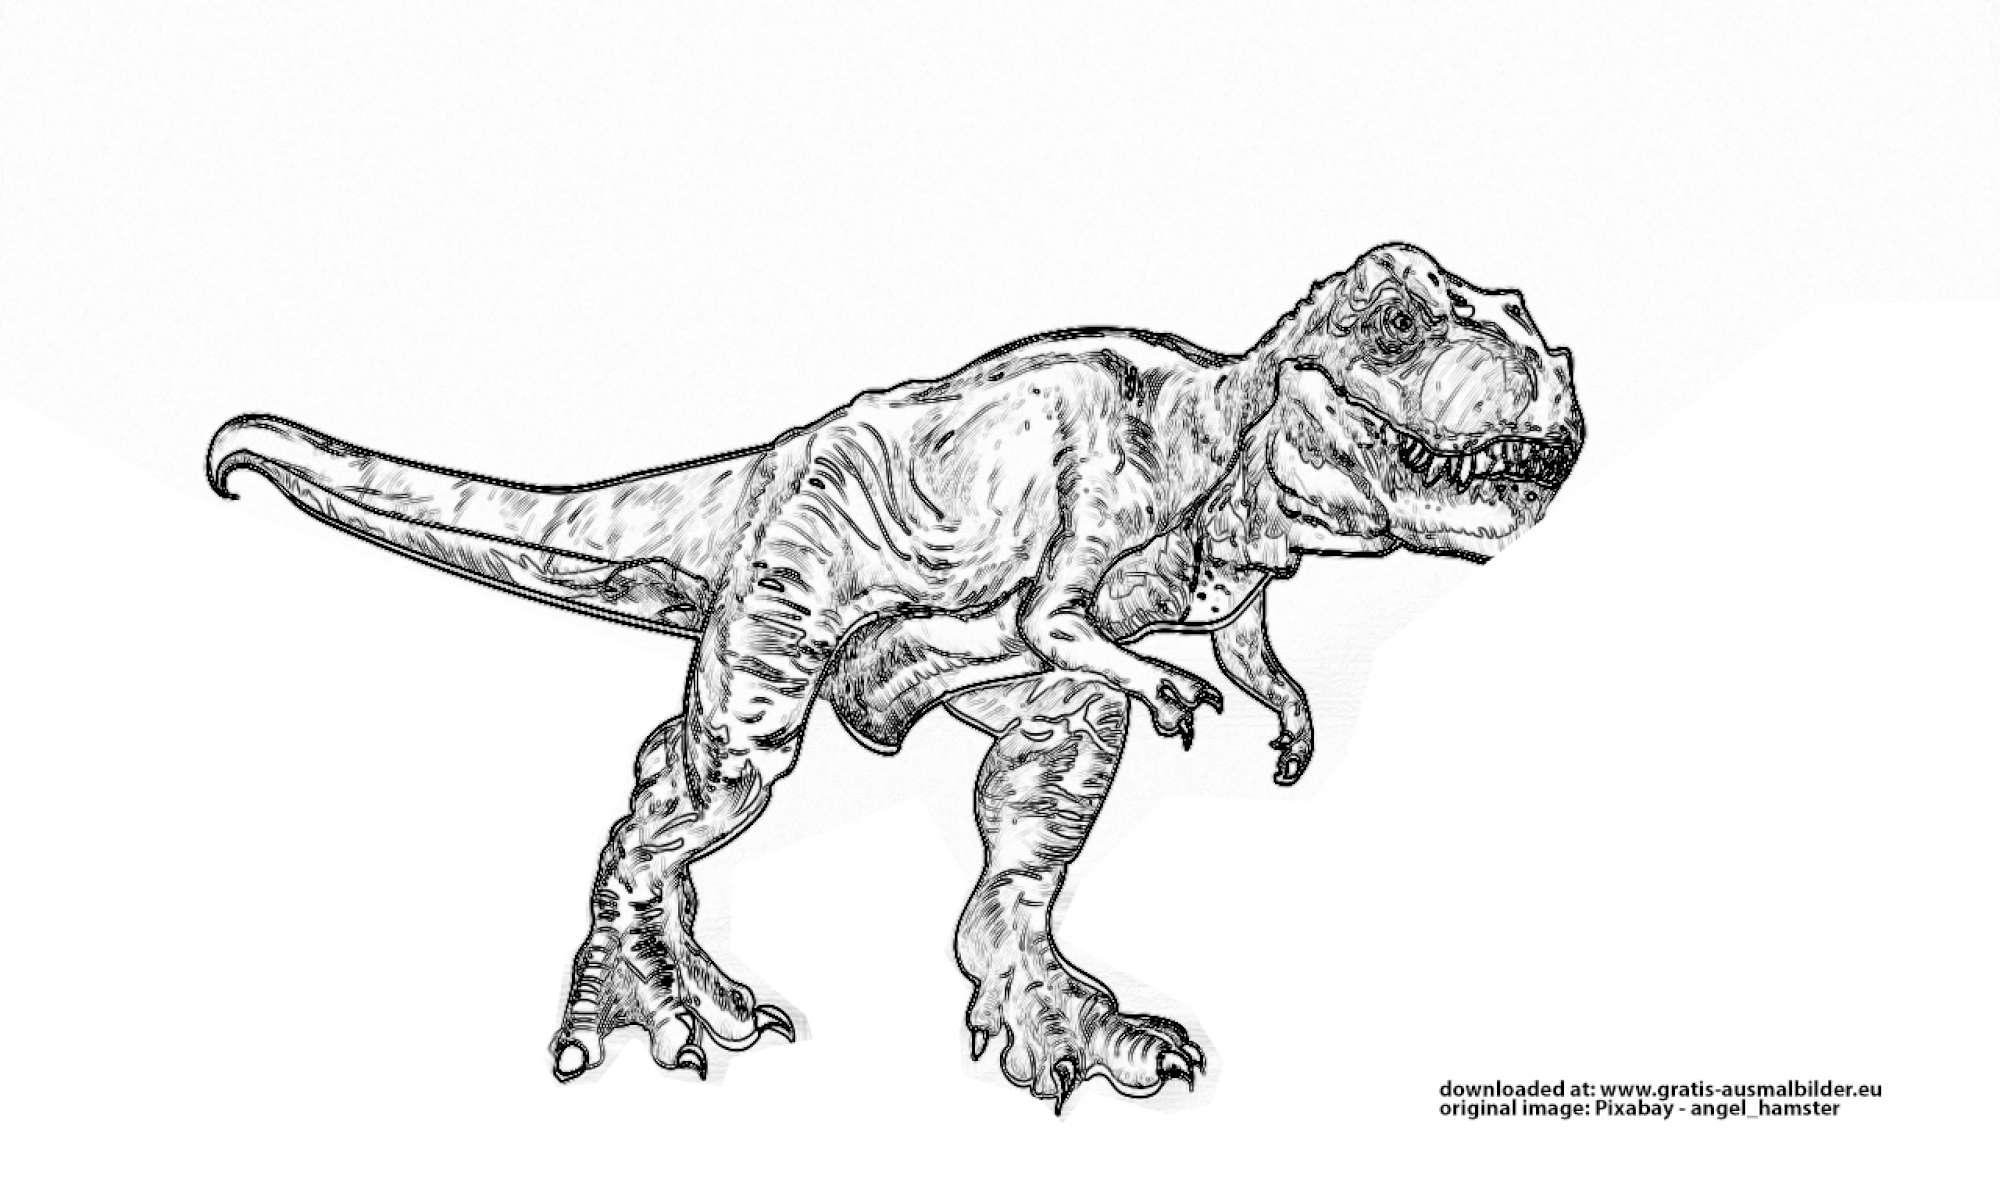 dinosaurier malvorlagen x reader - 28 images - the new